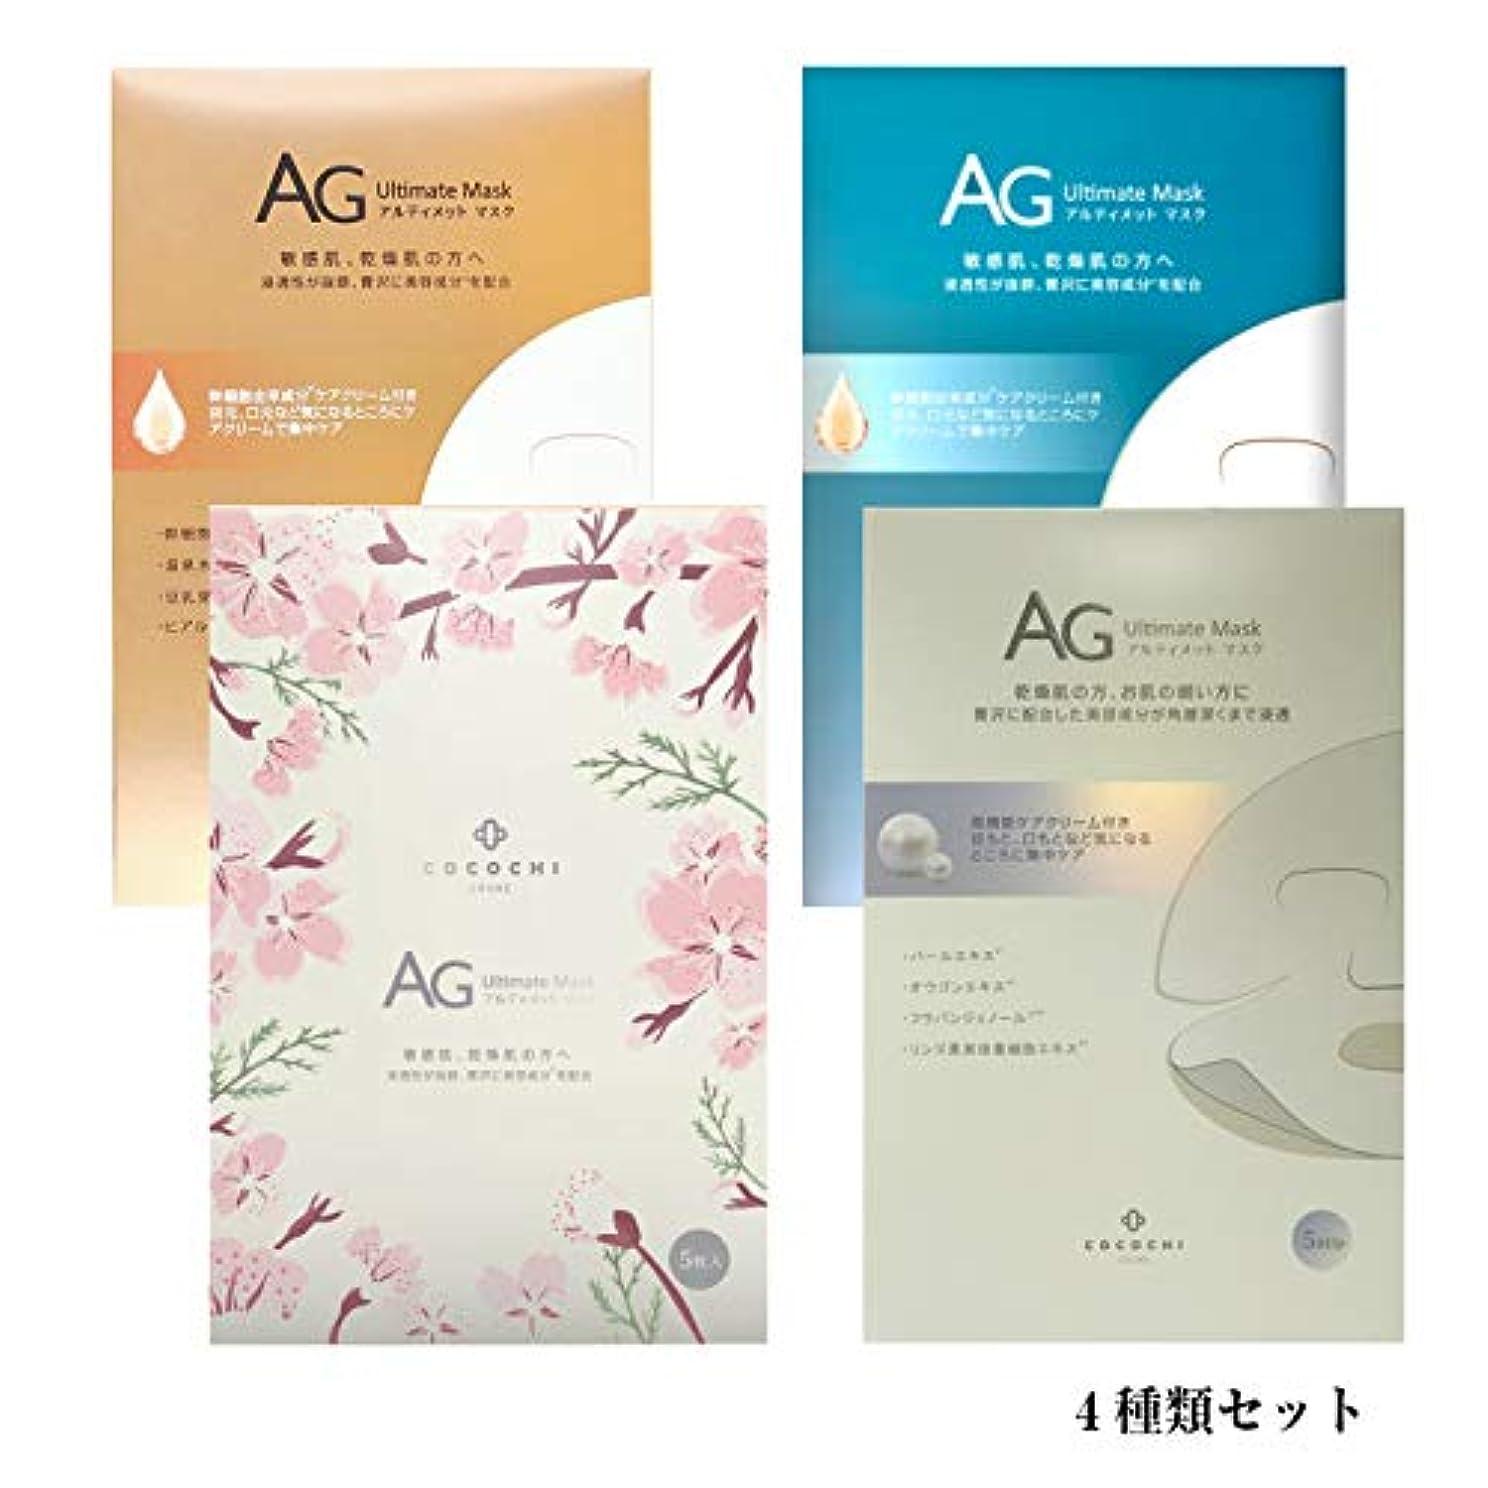 巻き取り受け入れ本物AGアルティメットマスク 4種類セット AG アルティメットマスク/オーシャンマスク/さくら/アコヤ真珠マスク